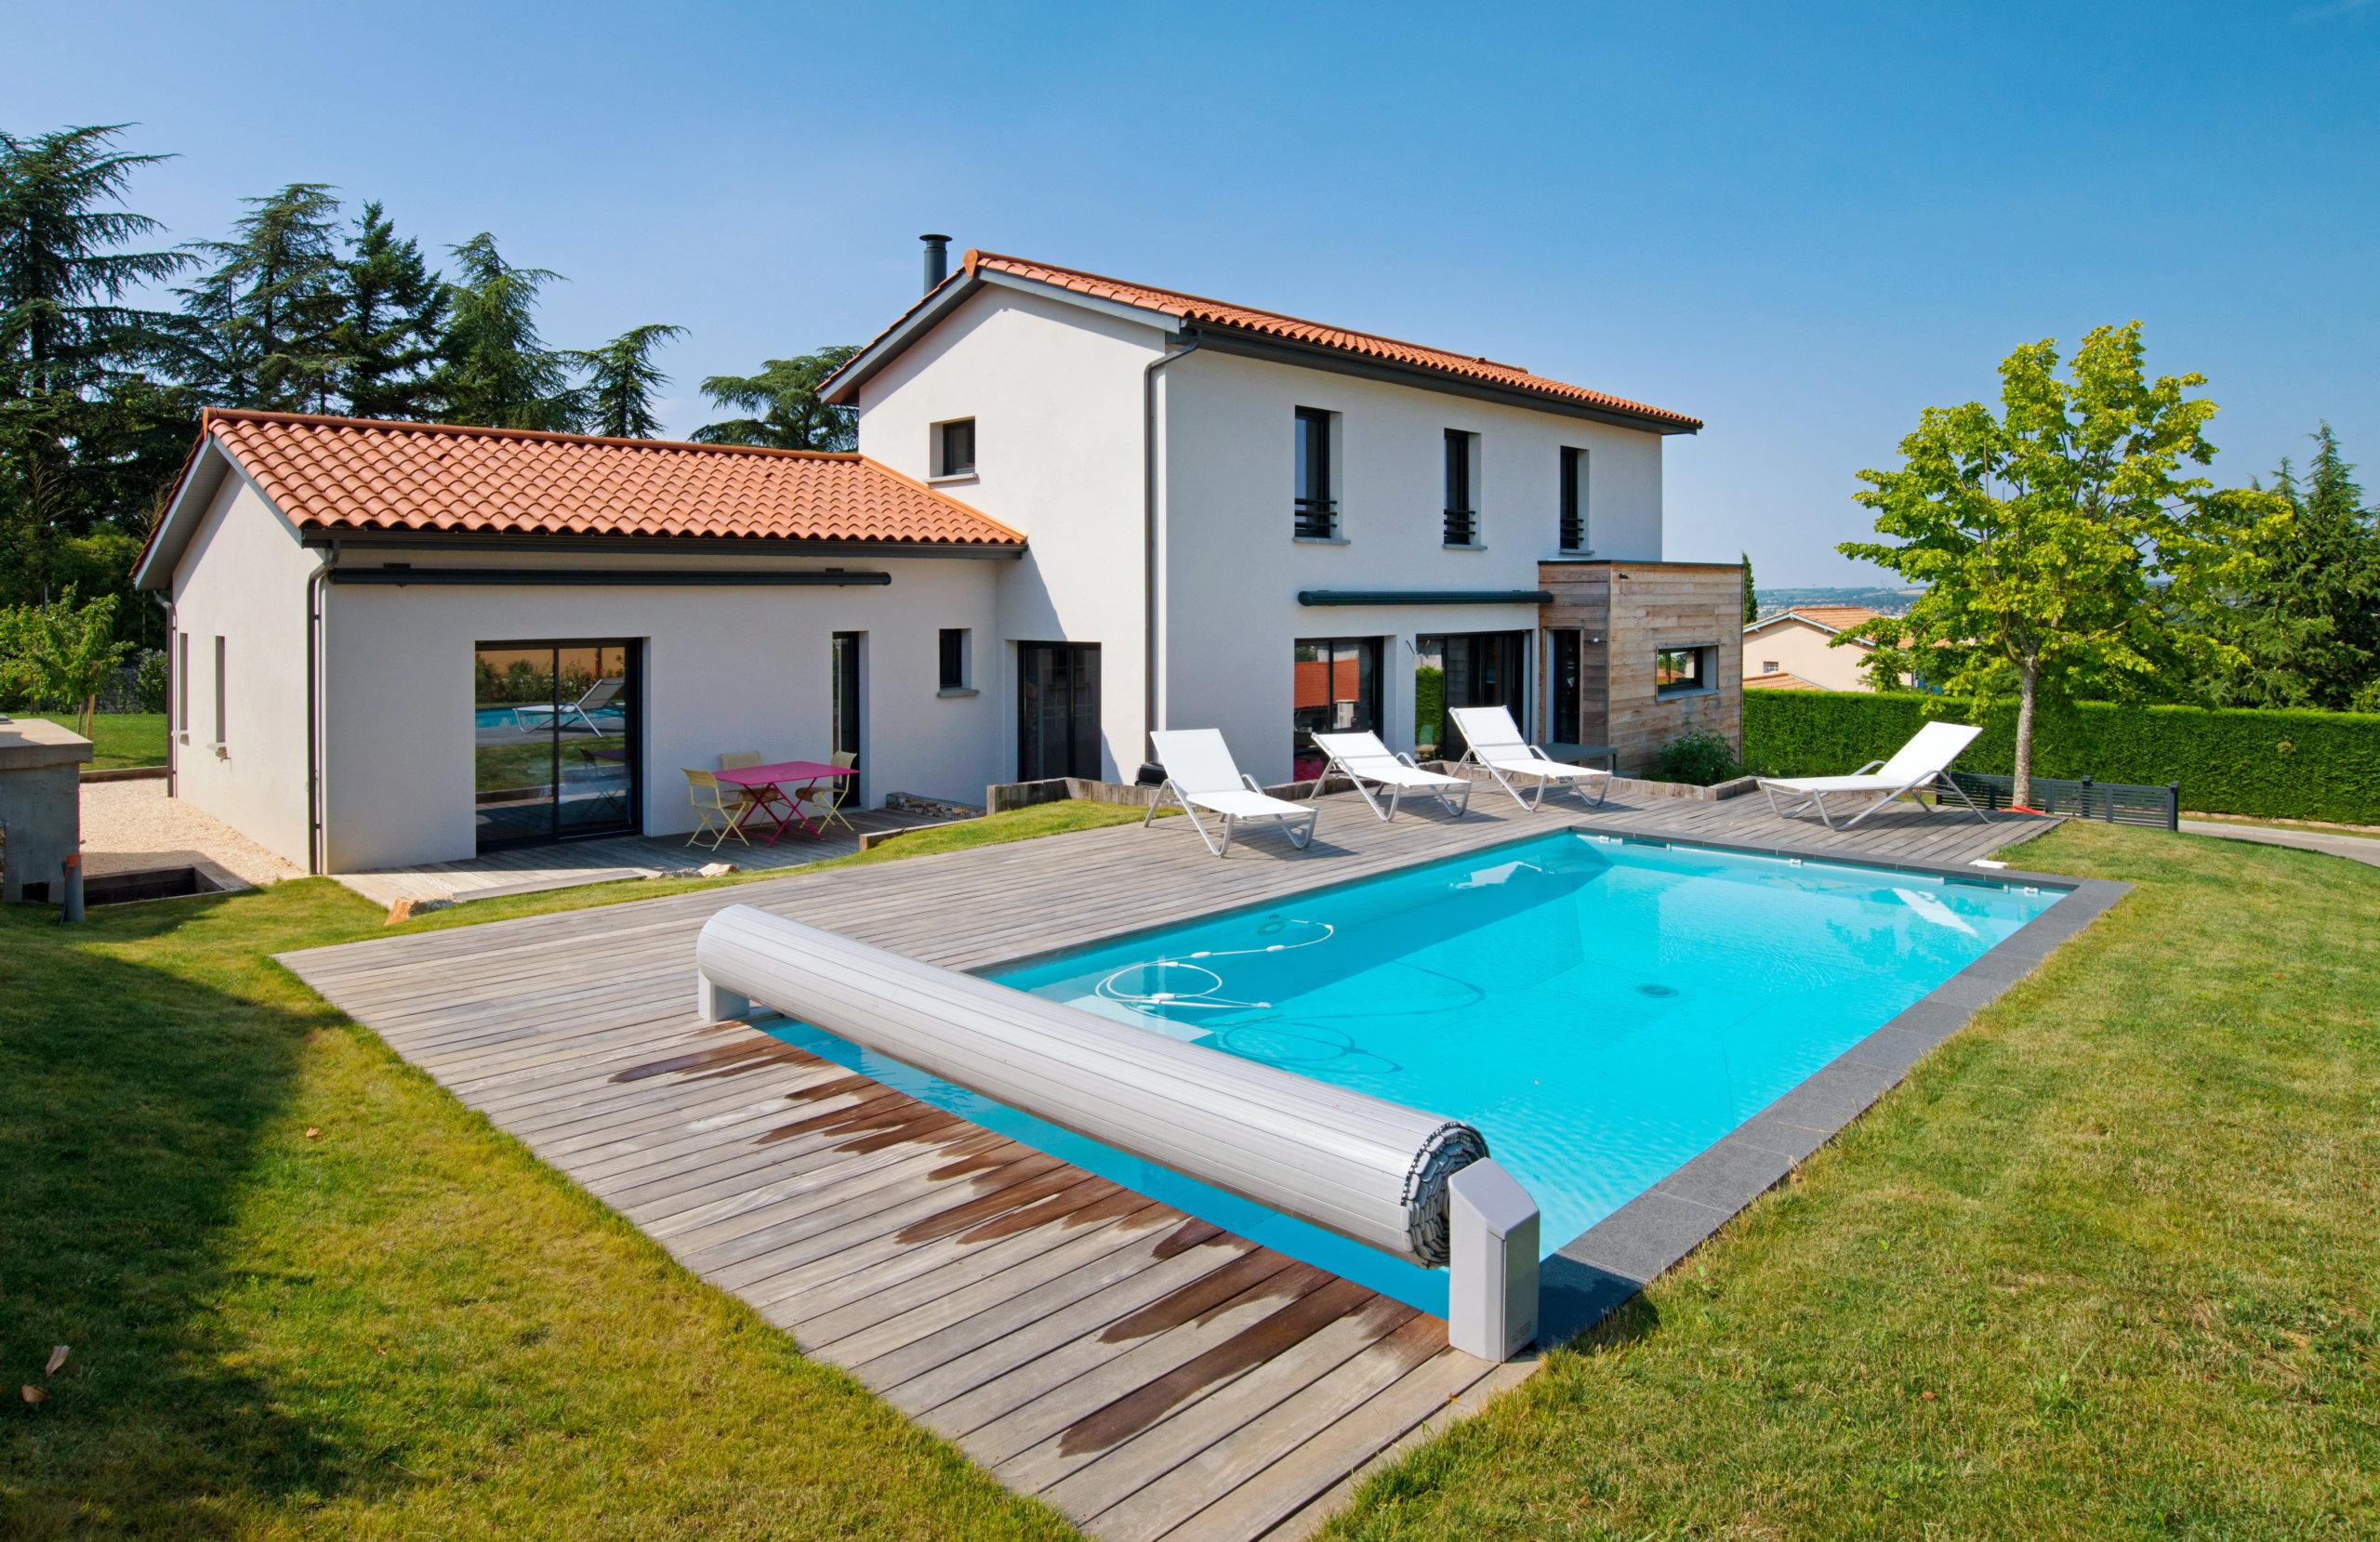 maison-bioclimatique-piscine-lyon